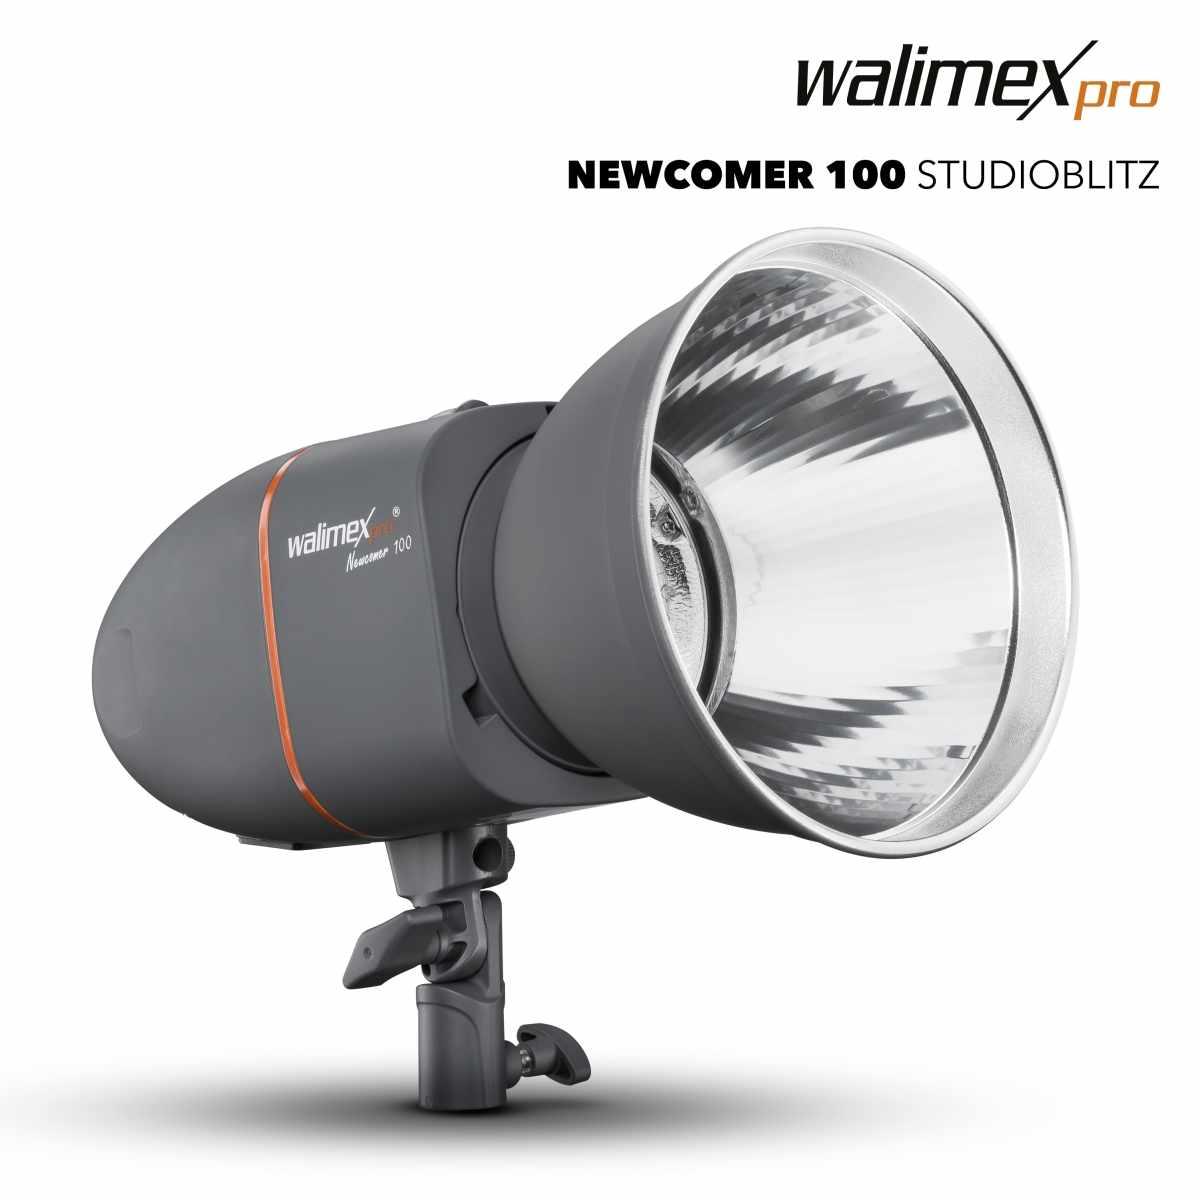 Walimex pro Newcomer 100